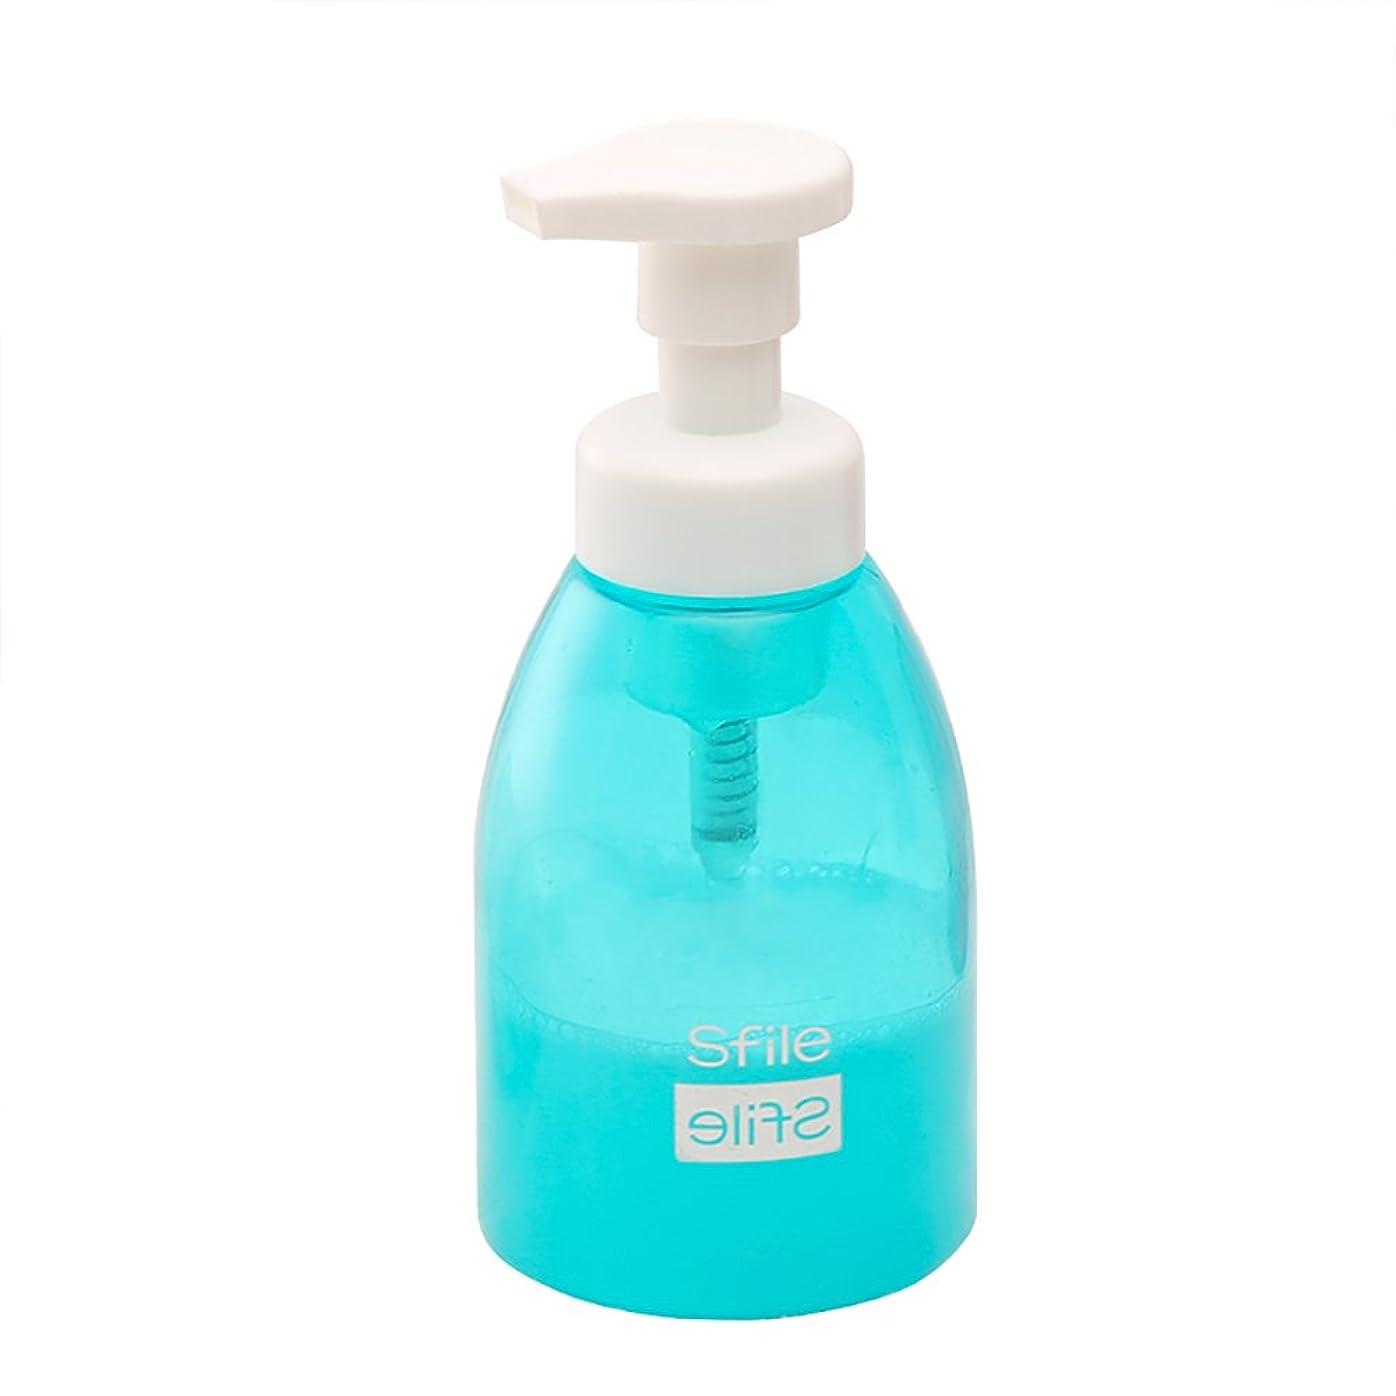 代表ミリメートルスキャン泡立てボトル/ビン/コップ 洗顔用 泡立て器 洗顔フォーム 洗顔ネット 2色 (ブルー)